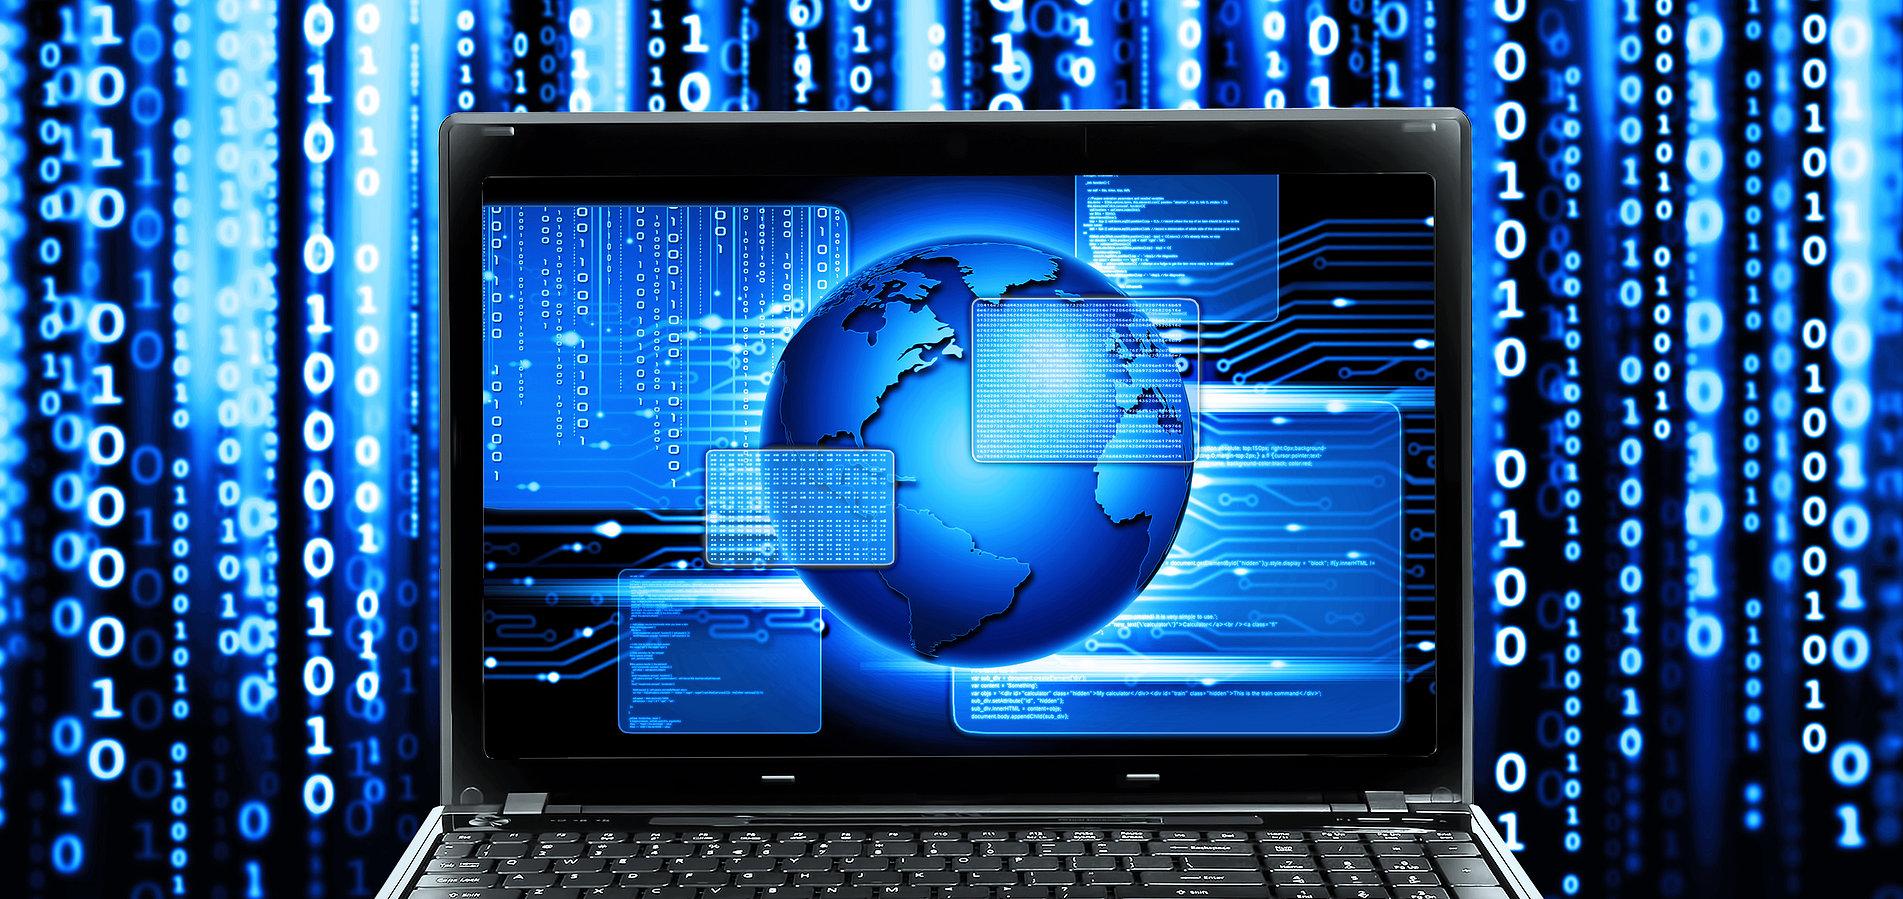 Администрирование прикладного программного обеспечения инфокоммуникационной системы организации